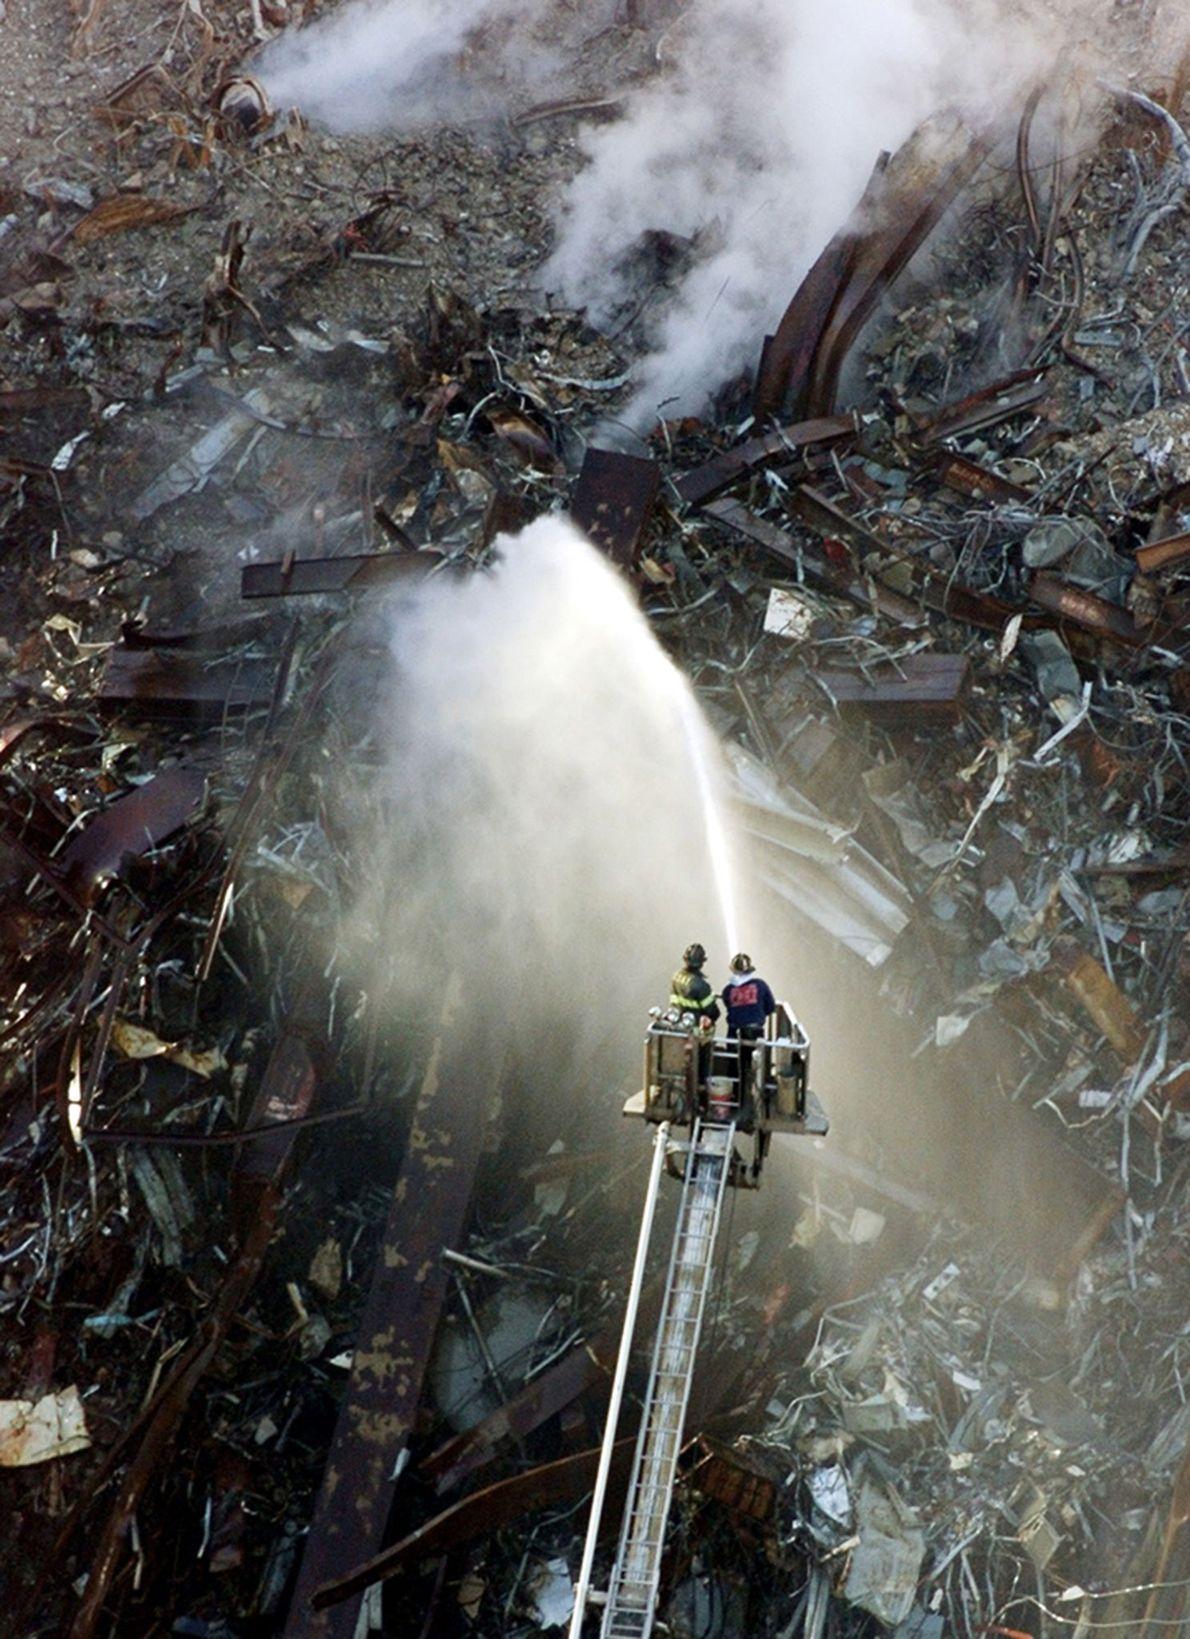 Rauch aus den Trümmern